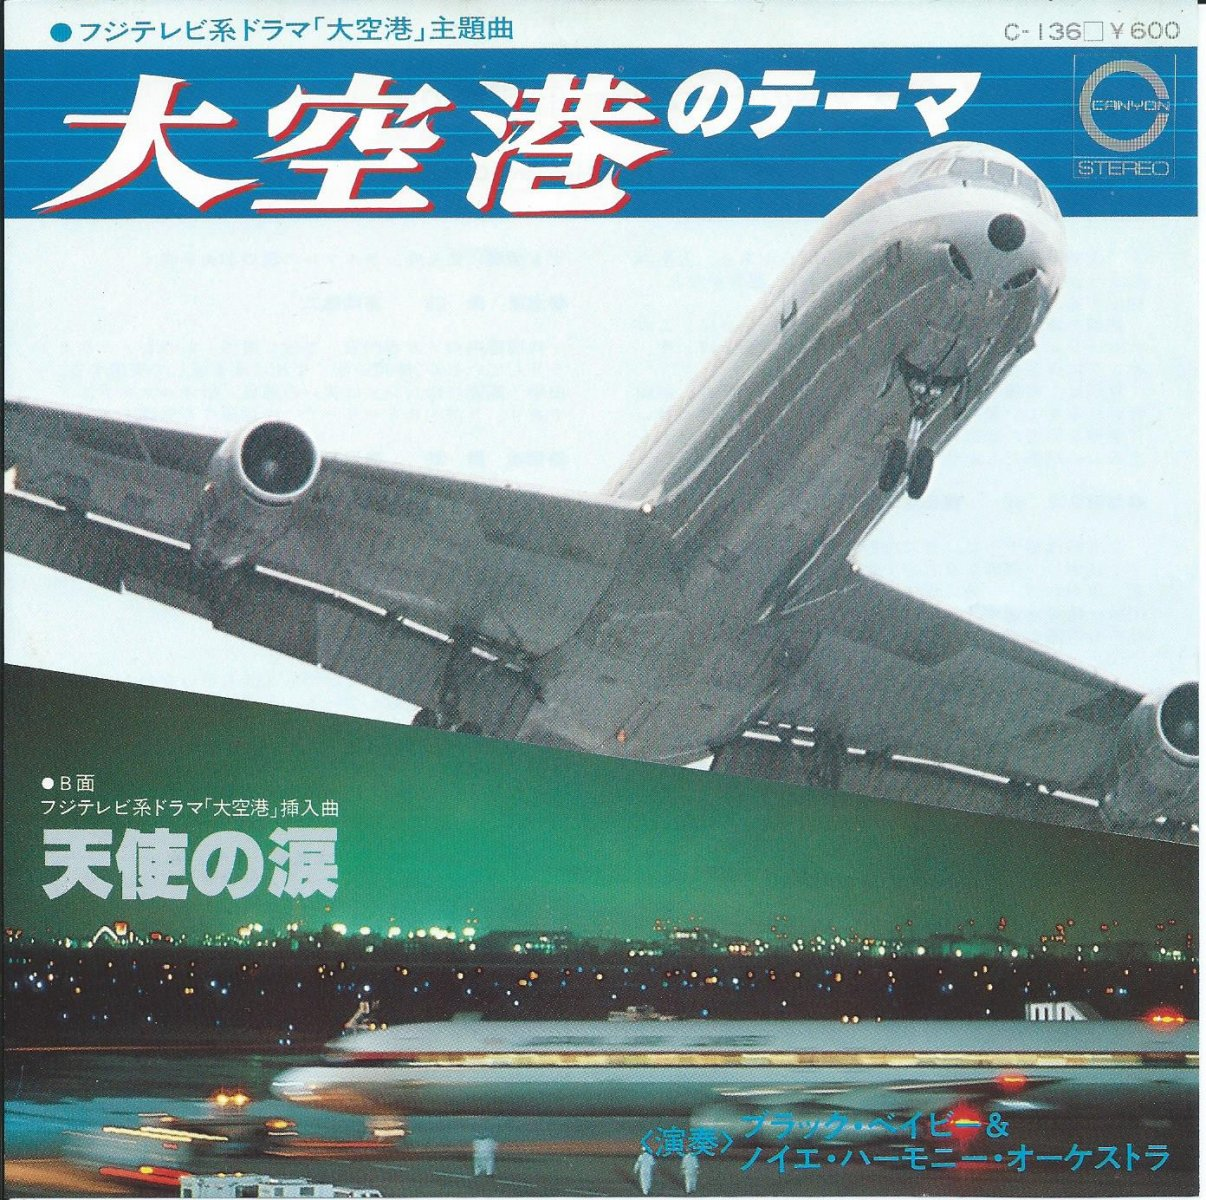 ブラック・ベイビー & ノイエ・ハーモニー・オーケストラ / 大空港のテーマ / 天使の涙 (7